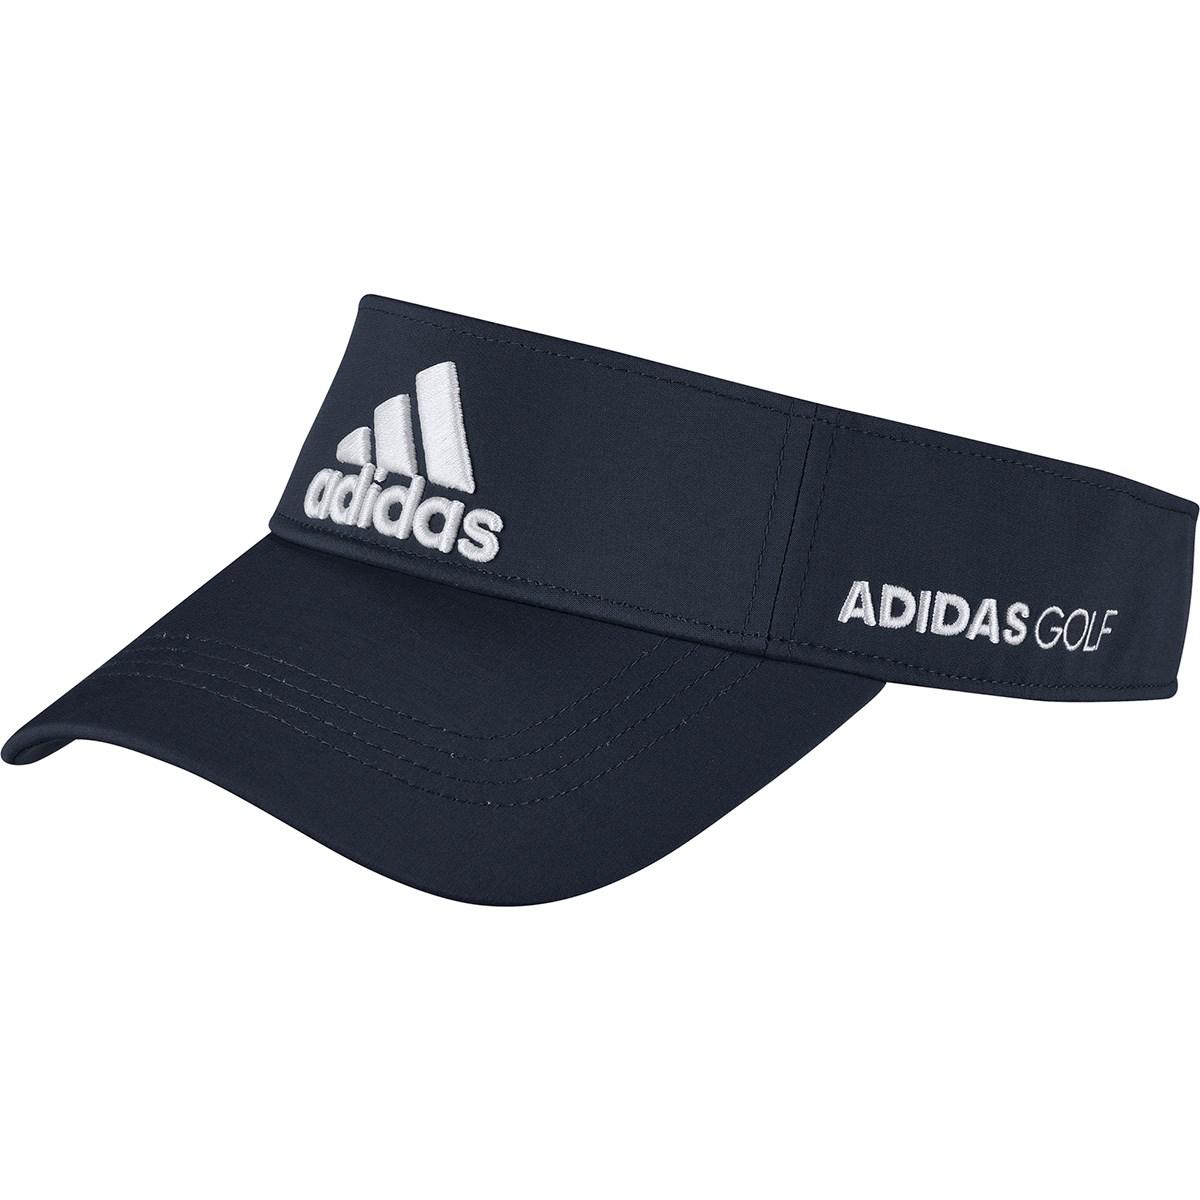 アディダス Adidas ツアーサンバイザー OSFX カレッジネイビー